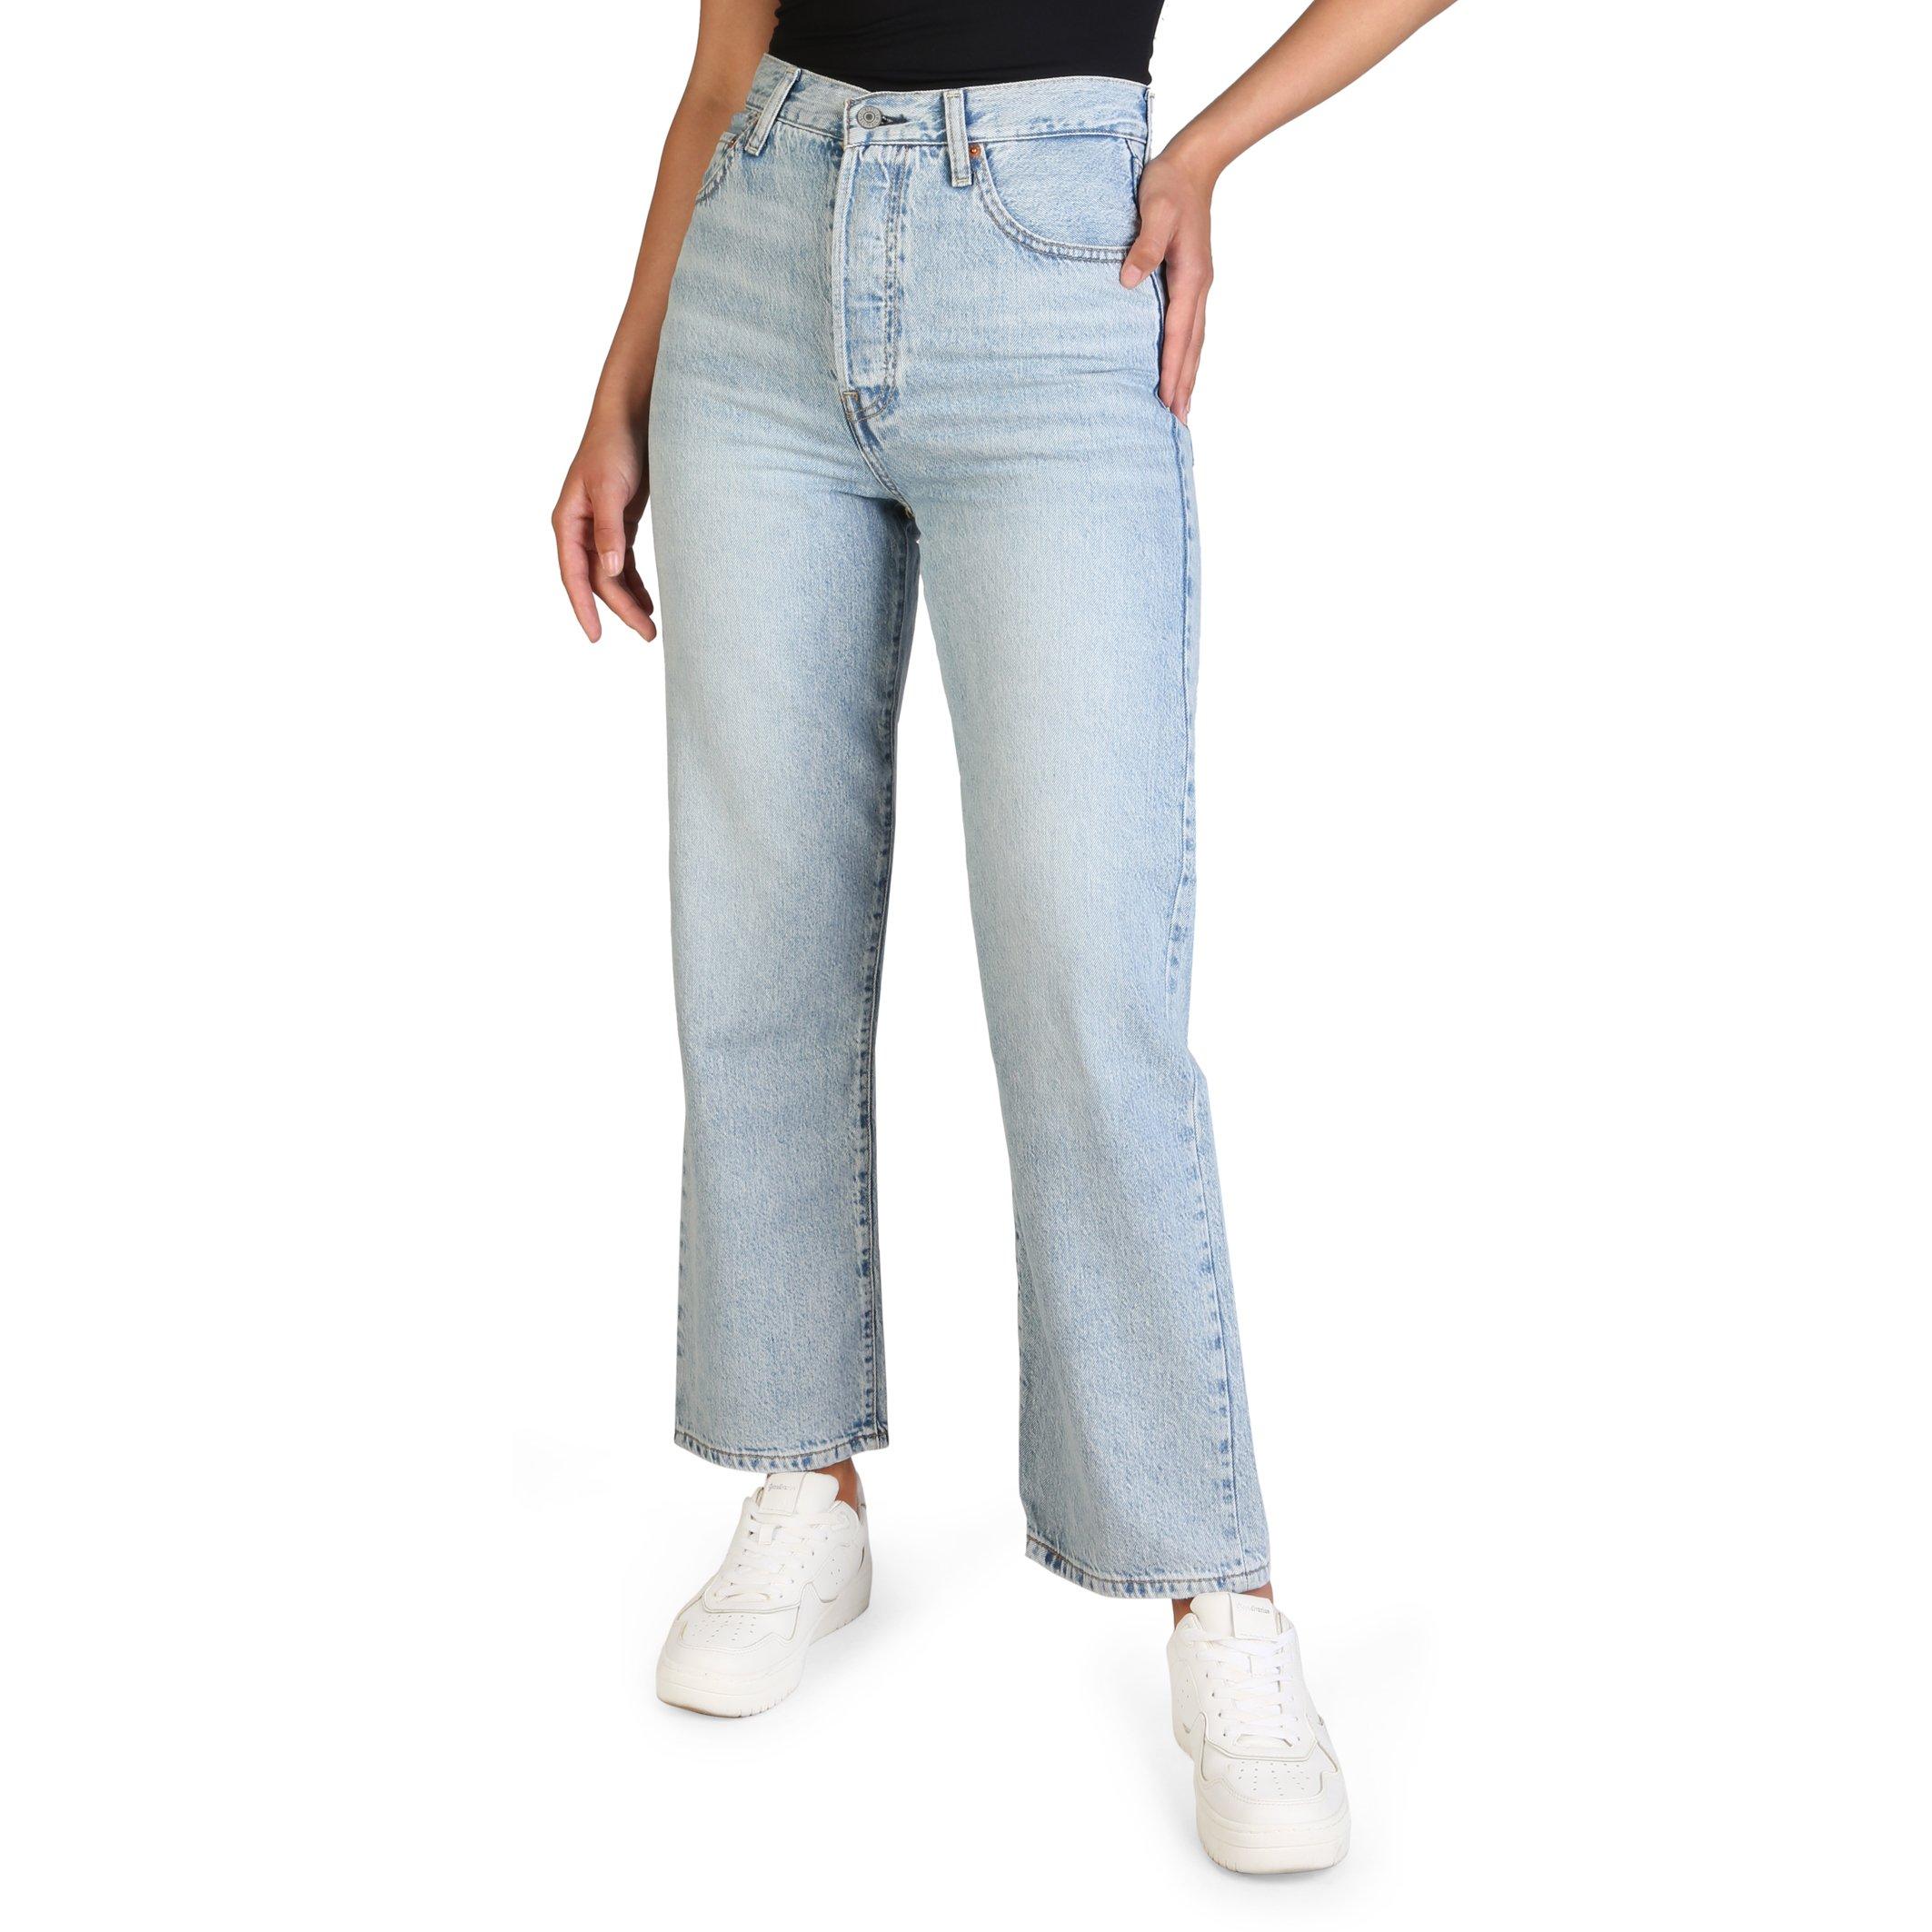 Levis Women's Jeans Various Colours 72693 - blue-1 29